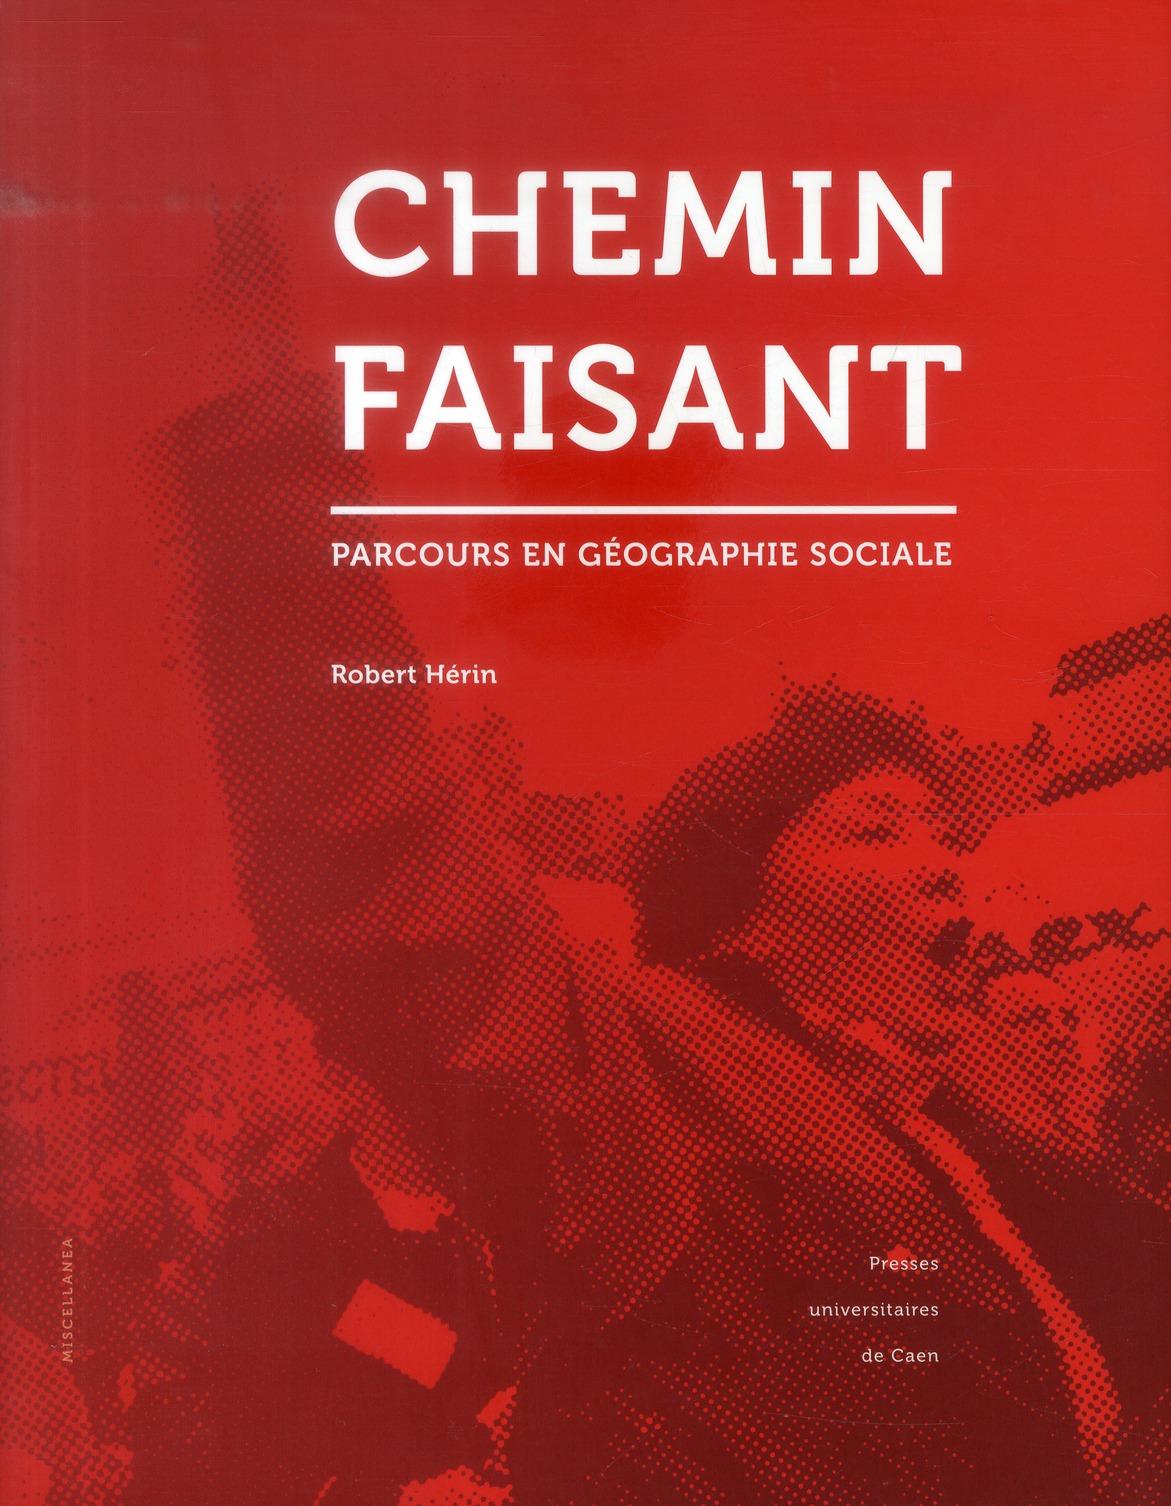 CHEMIN FAISANT. PARCOURS EN GEOGRAPHIE SOCIALE